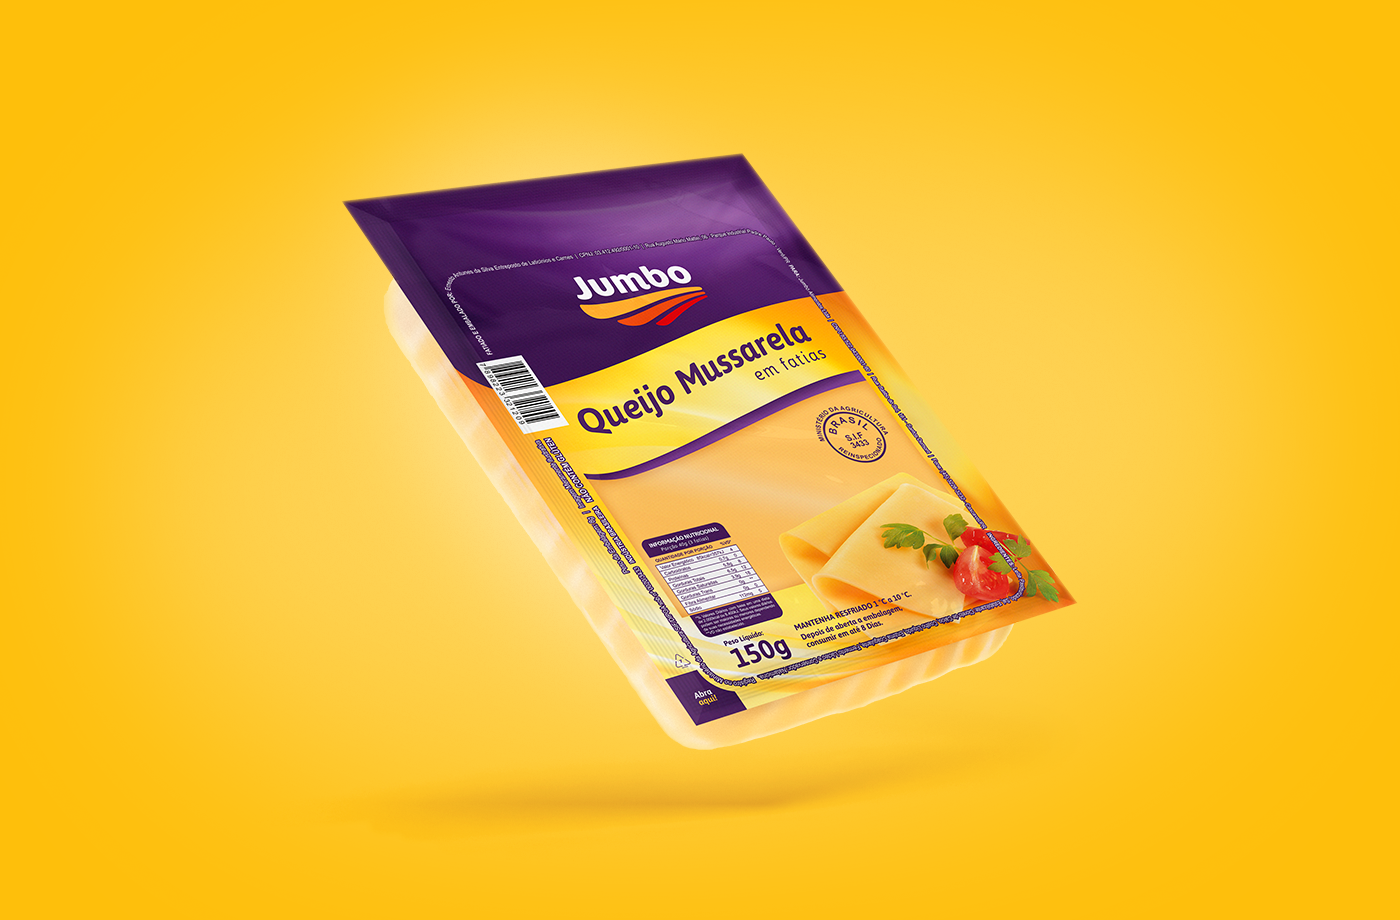 presunto Mussarela queijo Cheese mozzarela Food  FOOD INDUSTRY ham package Brasil pescados